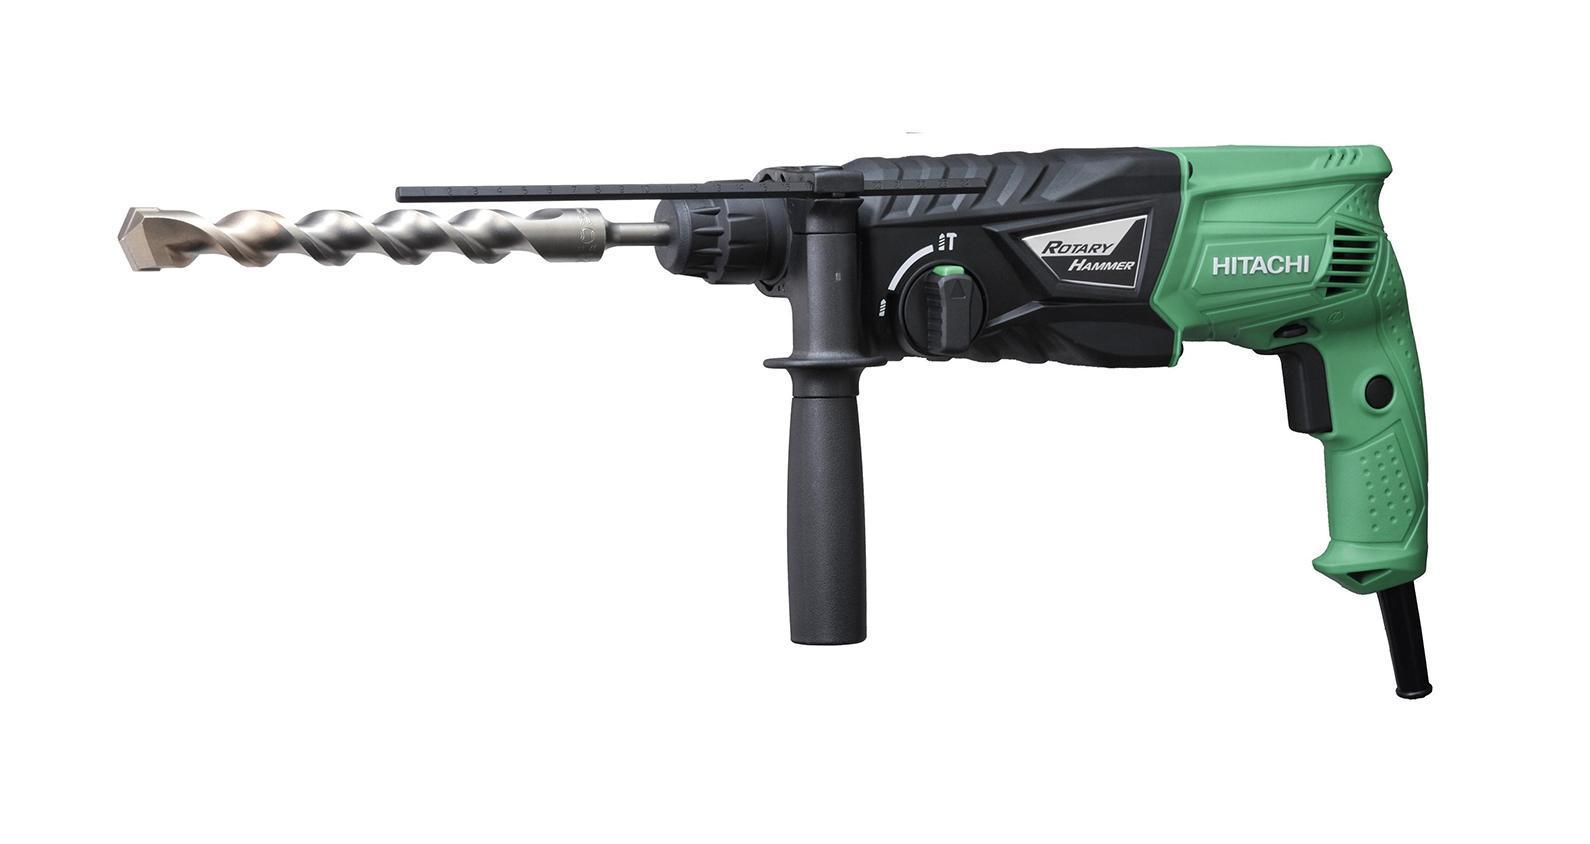 Hitachi DH24PG перфораторDH24PGДомашний помощникПроизводитель ручного инструмента Hitachi создал модель DH24PG для использования как в быту, так и на производстве. Перфоратор предназначен для создания отверстий в металле, в дереве и других твердых материалах. В режиме «сверление с ударом» инструмент способен продолбить отверстие в бетоне, кирпиче, керамике.Отличная производительностьПри относительно не сложных видах работ, а также при эксплуатации инструмента на высоте вам необходим сравнительно легкий и производительный перфоратор. Именно таким является DH24PG от производителя Hitachi. Весом 2.7 кг, он снабжен мощным двигателем 730 Вт и длинным сетевым кабелем 2.7 м. Модель имеет функцию удара с энергией 2.7 Дж, частотой 3950 уд/мин., что делает его отличным «убийцей» бетона и кирпича.Долбить или сверлитьСамым популярным режимом большинства перфораторов является режим «сверления с ударом», при котором рабочая оснастка получает одновременно оборотные и поступательные движения, таким образом делая отверстие в твердых материалах.SDS-патронУниверсальный патрон SDS-Plus позволяет закрепить зубило (и другие насадки) в разных положениях и обеспечивает удобную работу в труднодоступных местах.Диаметры сверленияДля надежной долговечной работы инструмента всегда необходимо знать максимальные рекомендуемые диаметры сверления определенных типов материалов, для DH24PG это: по дереву – 32 мм, по металлу – 13 мм, по бетону (кирпичу) – 24 мм.Полезные мелочиВ Hitachi DH24PG предусмотрен ряд дополнительных конструктивных решений для более удобной эксплуатации: реверс, регулировка частоты вращения, блокировка кнопки включения.